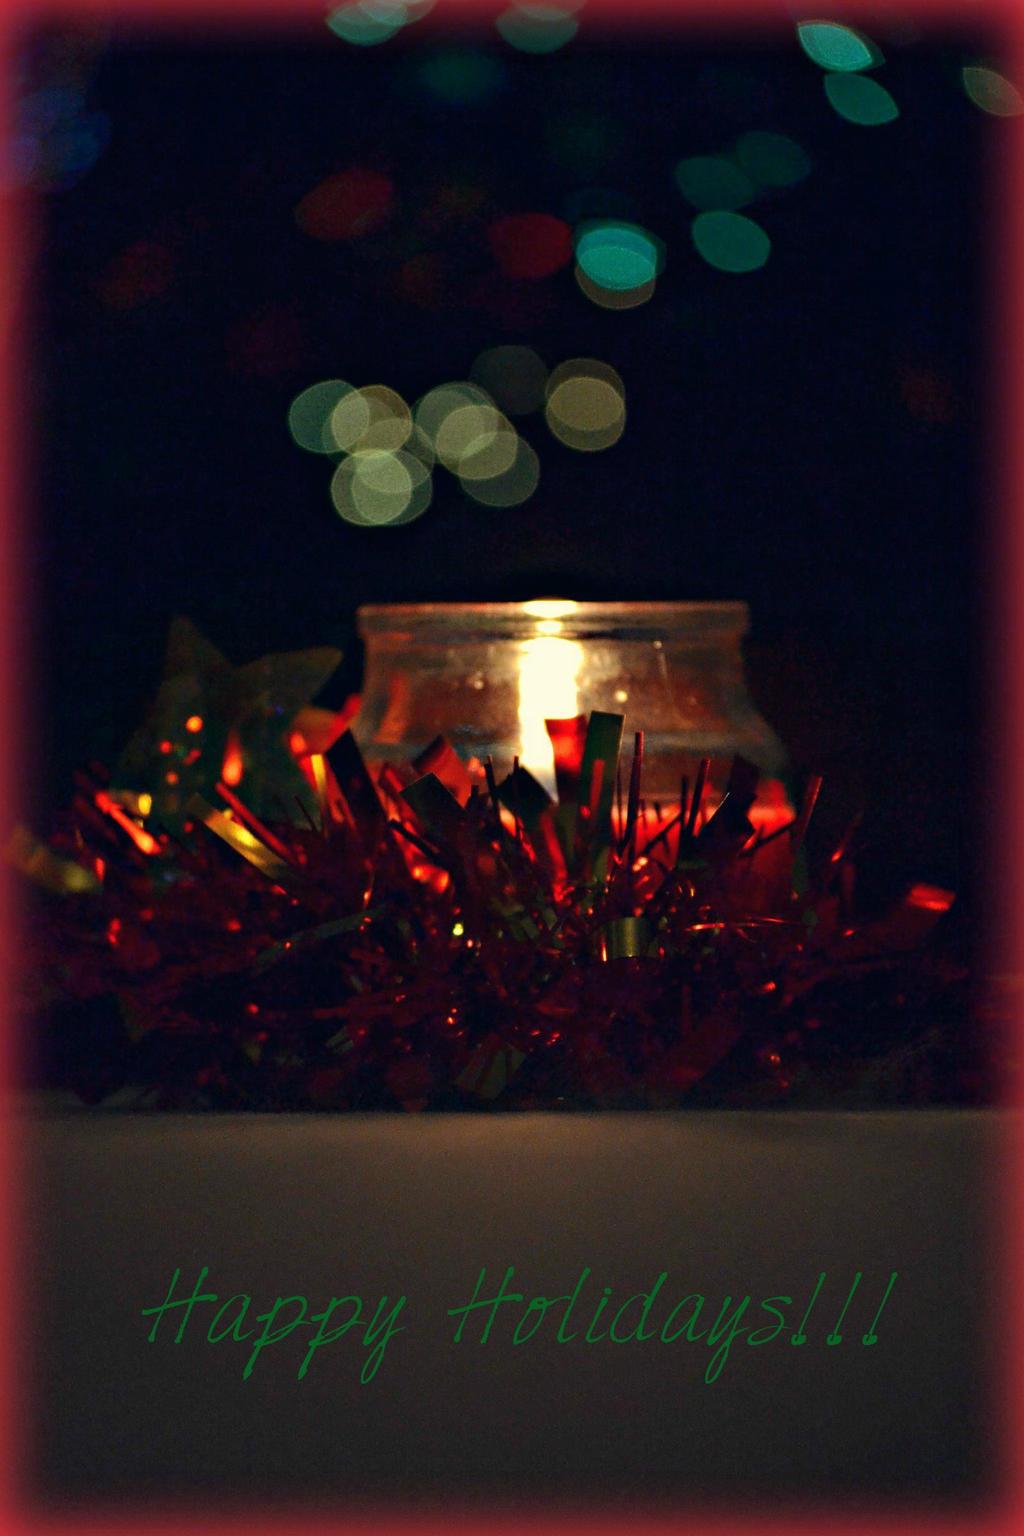 Happy Holidays by suezn